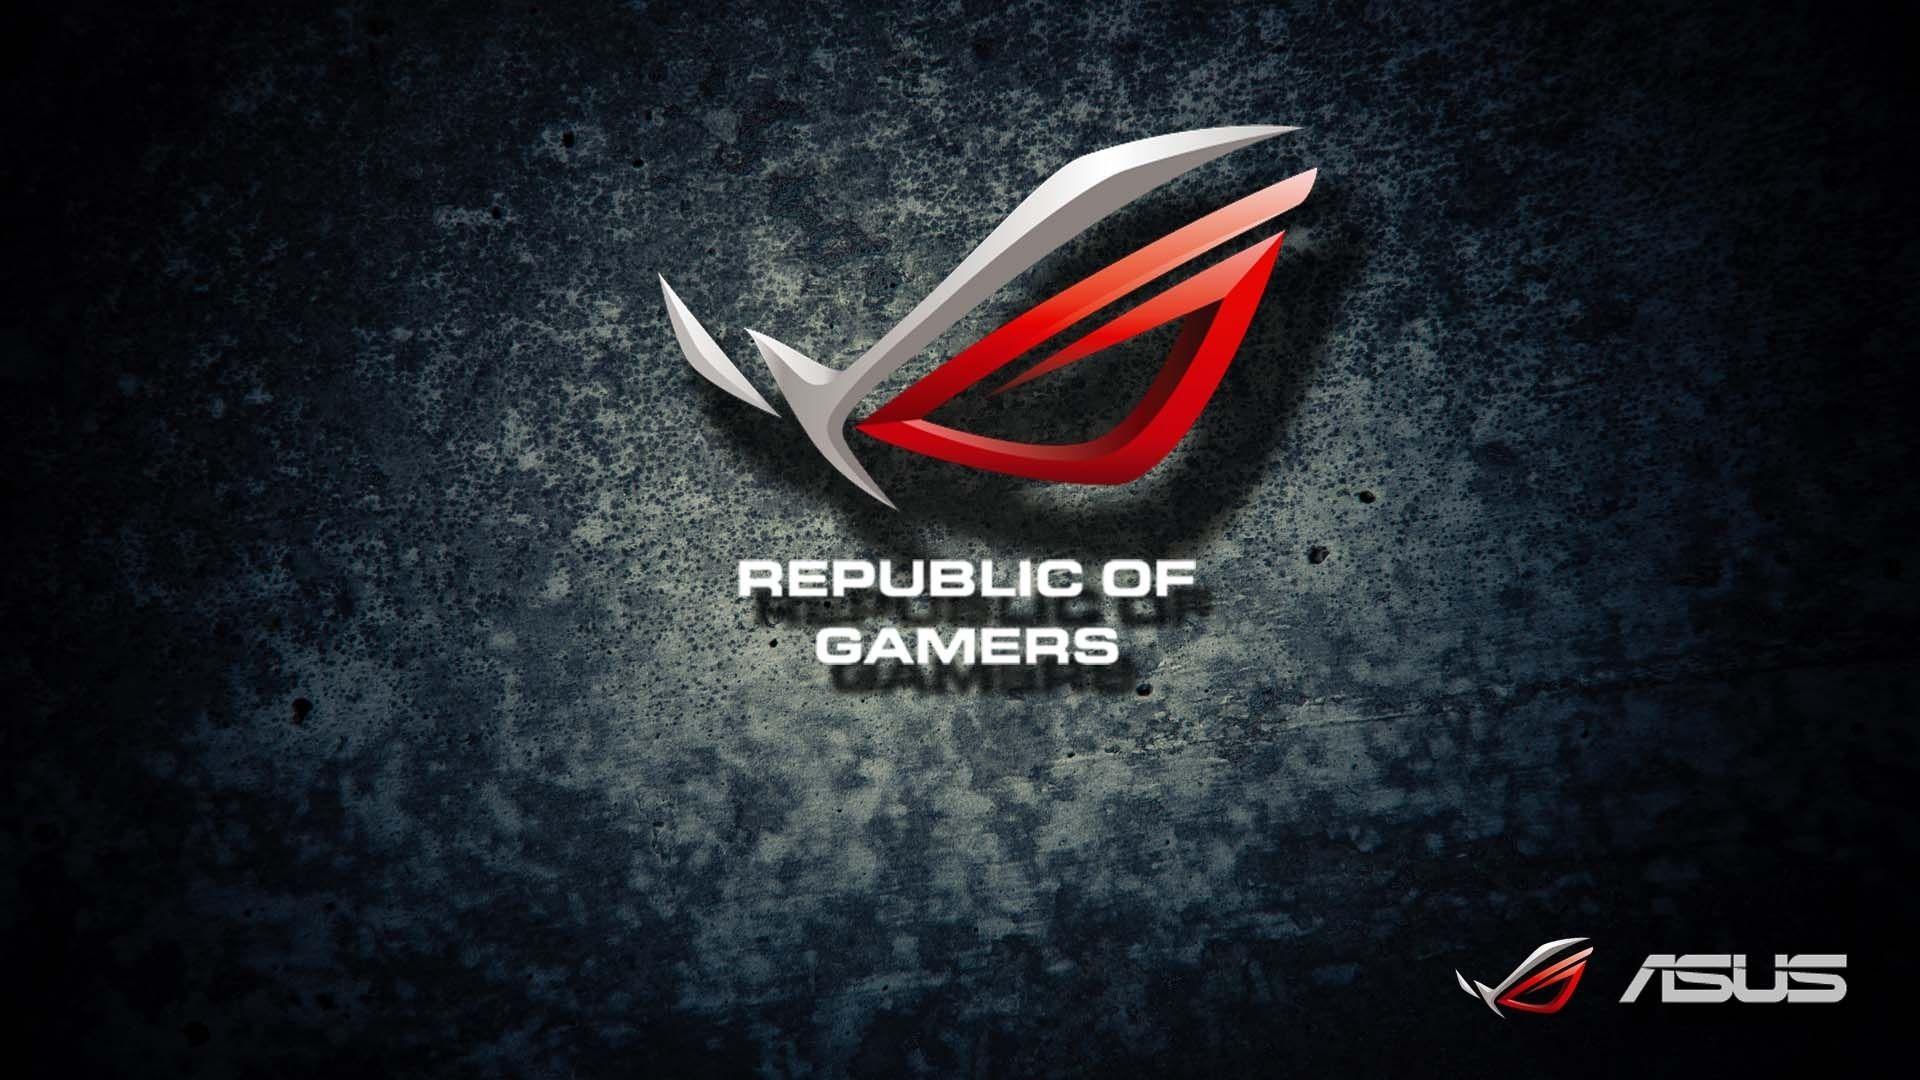 10 Top Asus Republic Of Gamers Wallpaper Hd Full Hd 1080p For Pc Desktop In 2020 Gaming Wallpapers Hd Wallpapers For Pc Wallpaper Pc